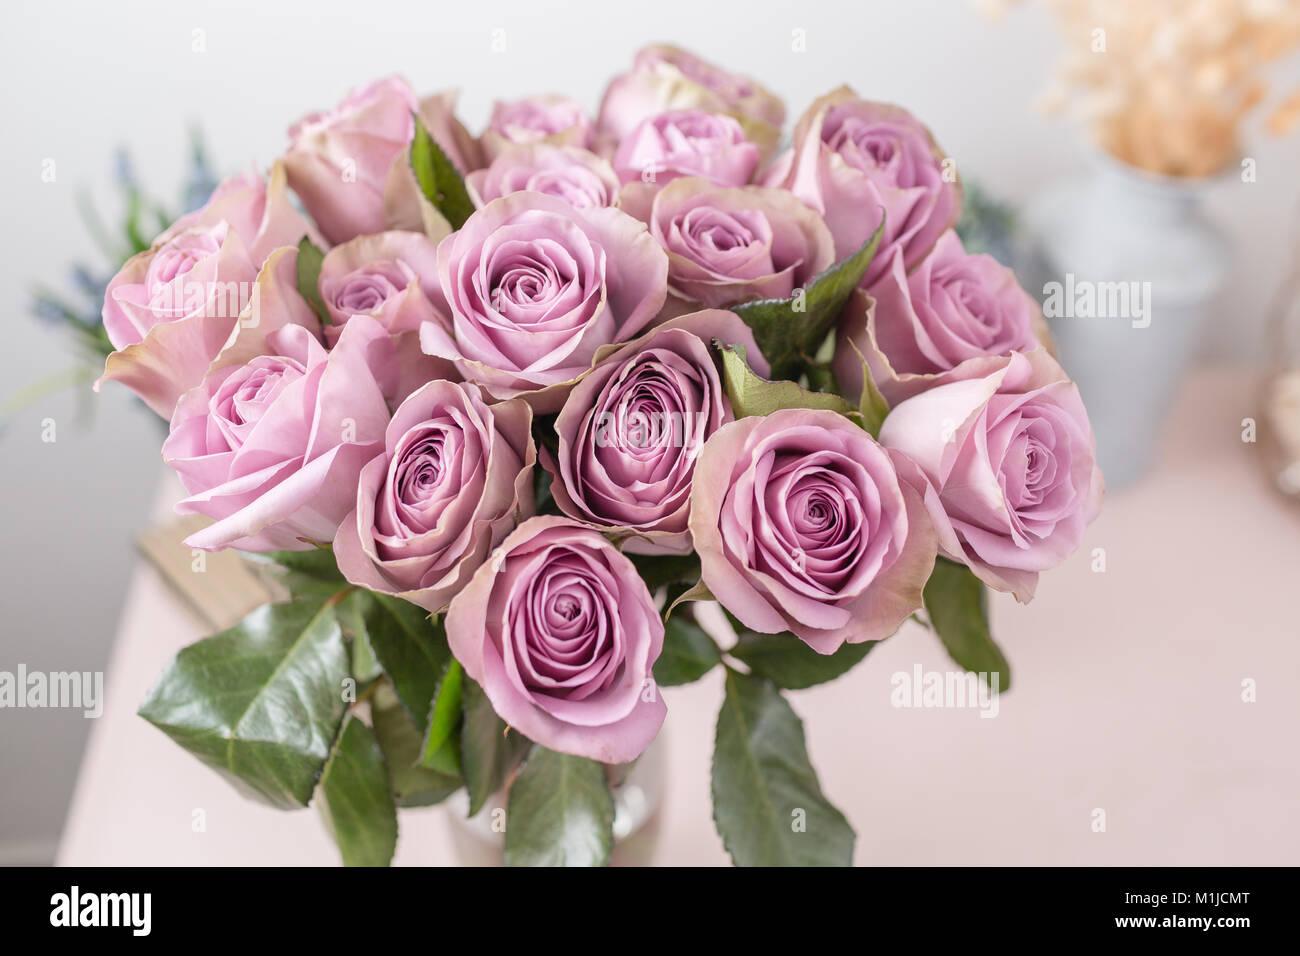 Mazzo Di Fiori Shabby.Giardino Lilla Rosa Mazzo Di Fiori Di Rose In Vaso Di Vetro